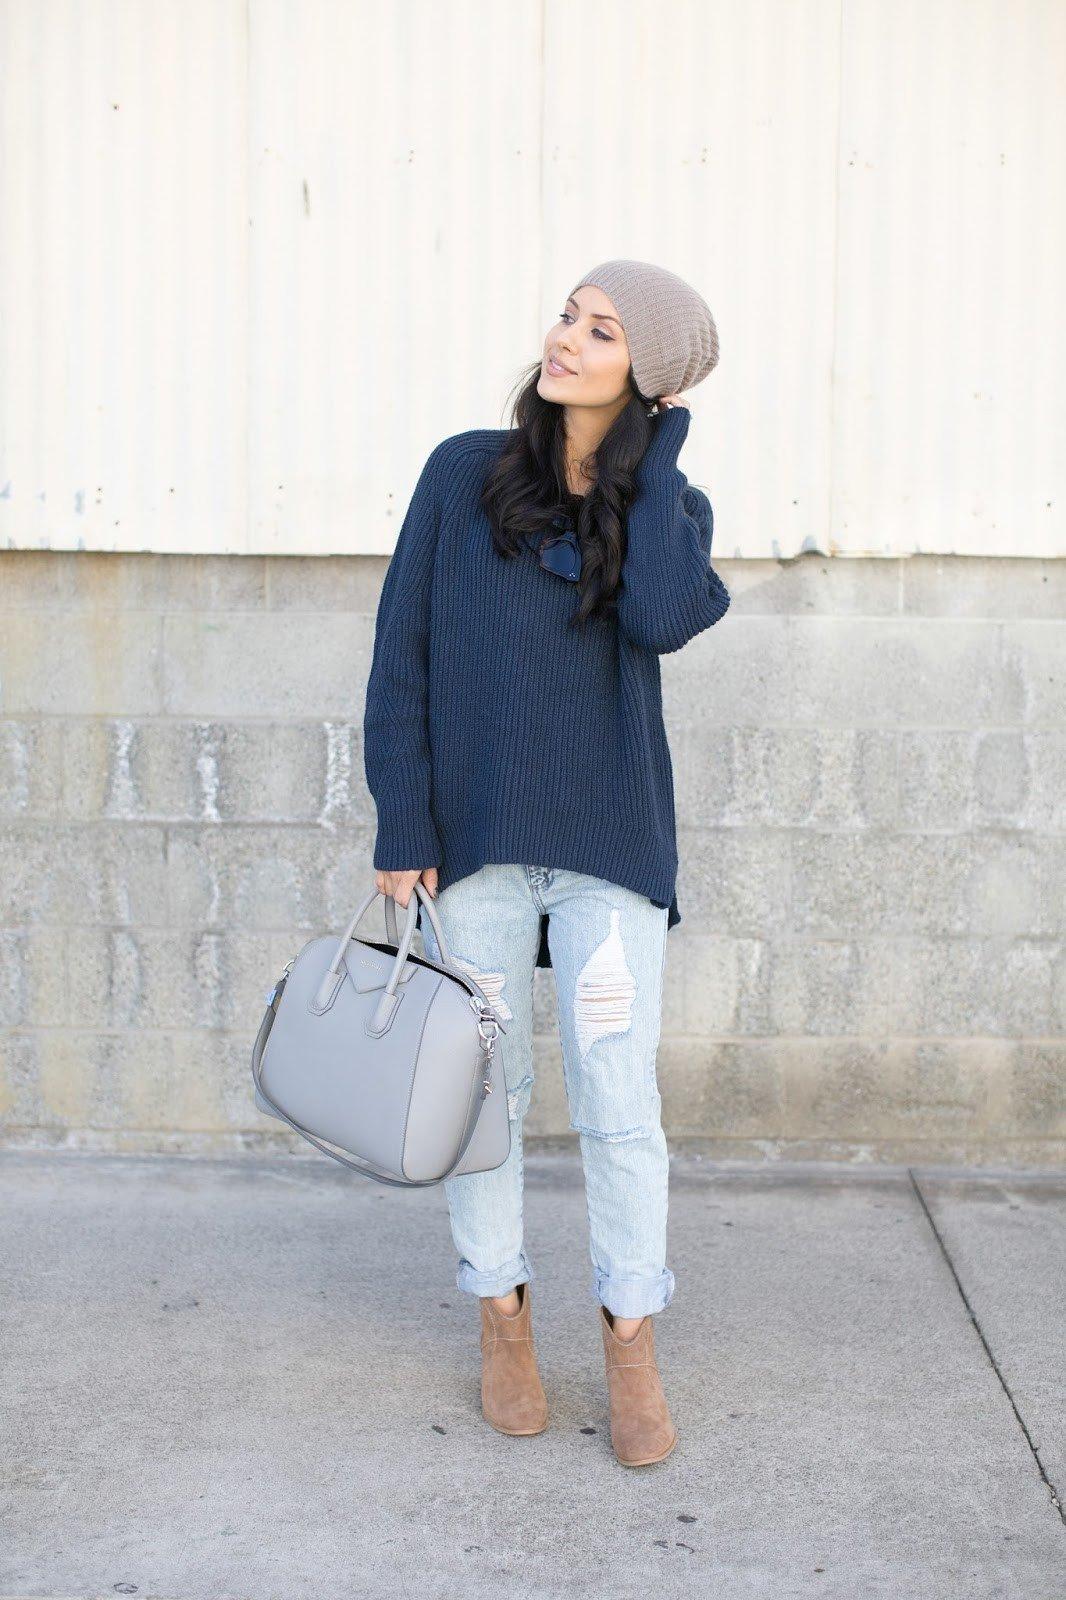 синий удлиненный свитер и светлые джинсы с чем носить